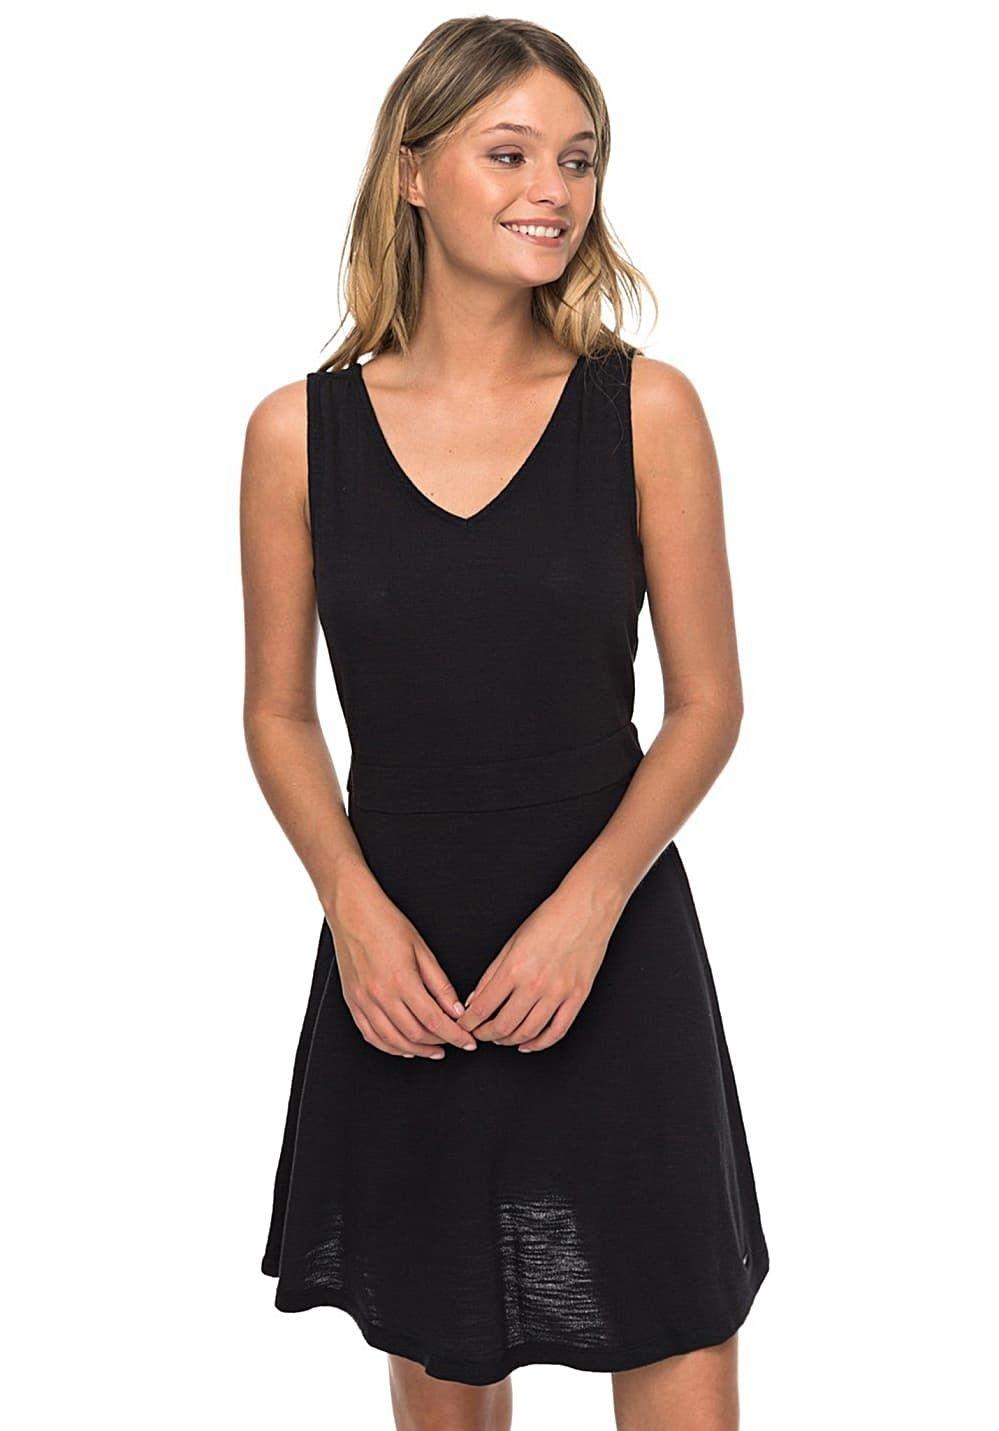 15 Großartig Bodenlanges Schwarzes Kleid Boutique20 Cool Bodenlanges Schwarzes Kleid Galerie